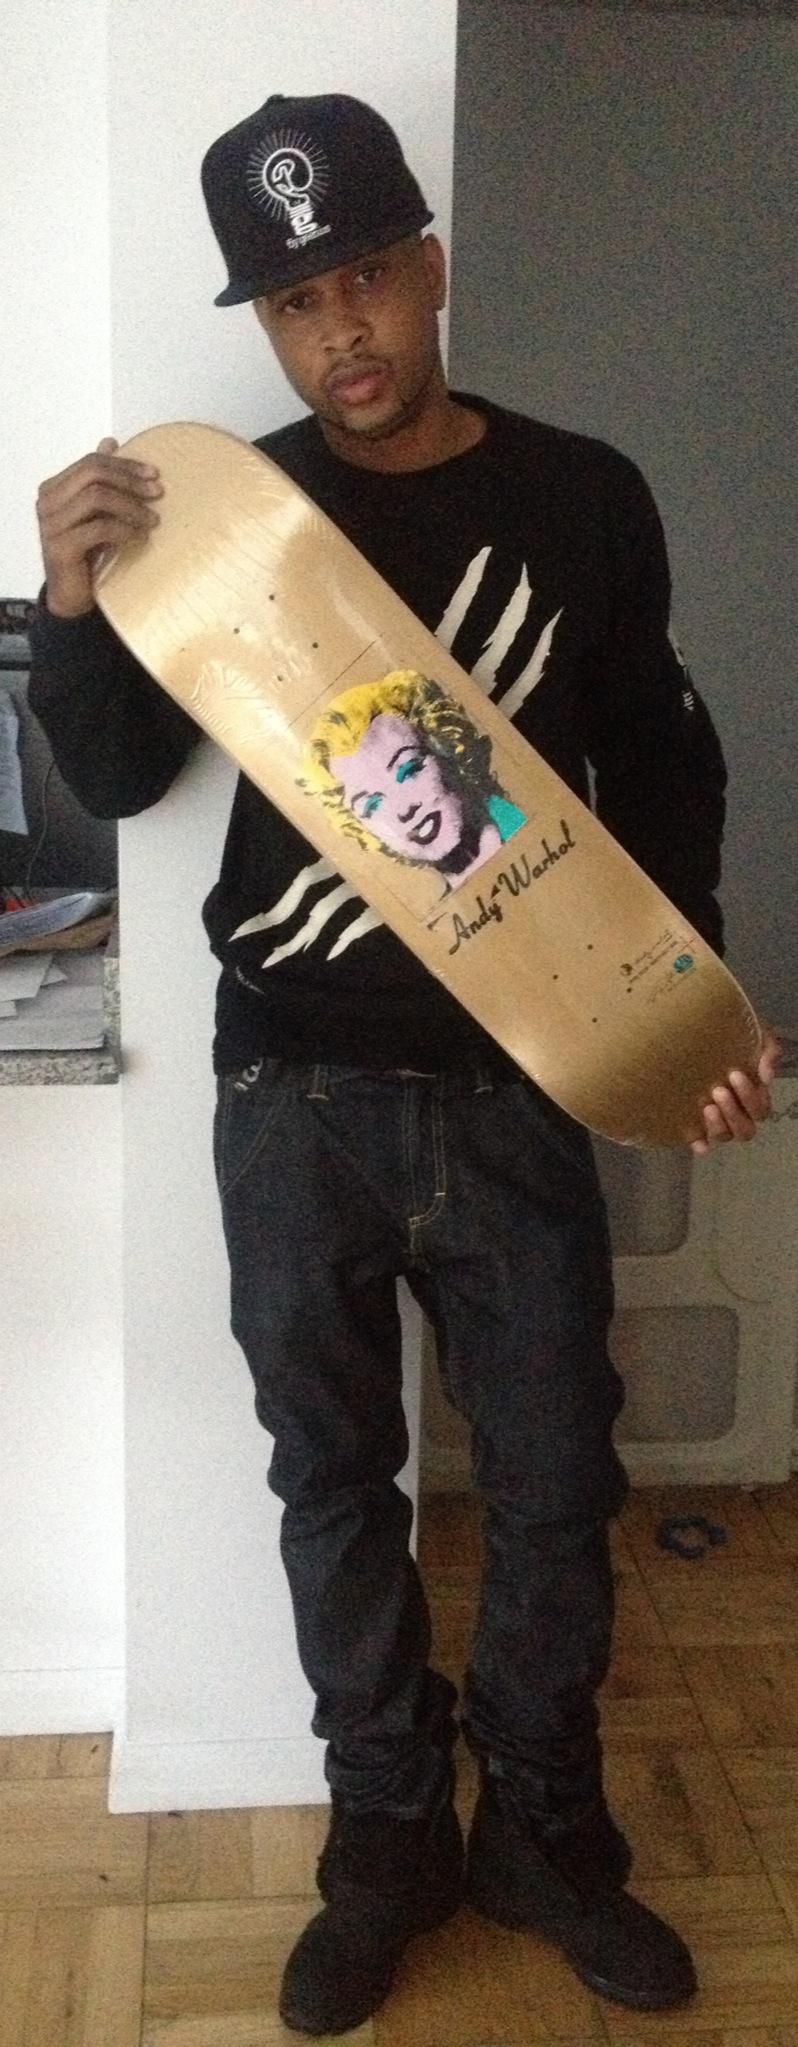 Davon Skate Deck